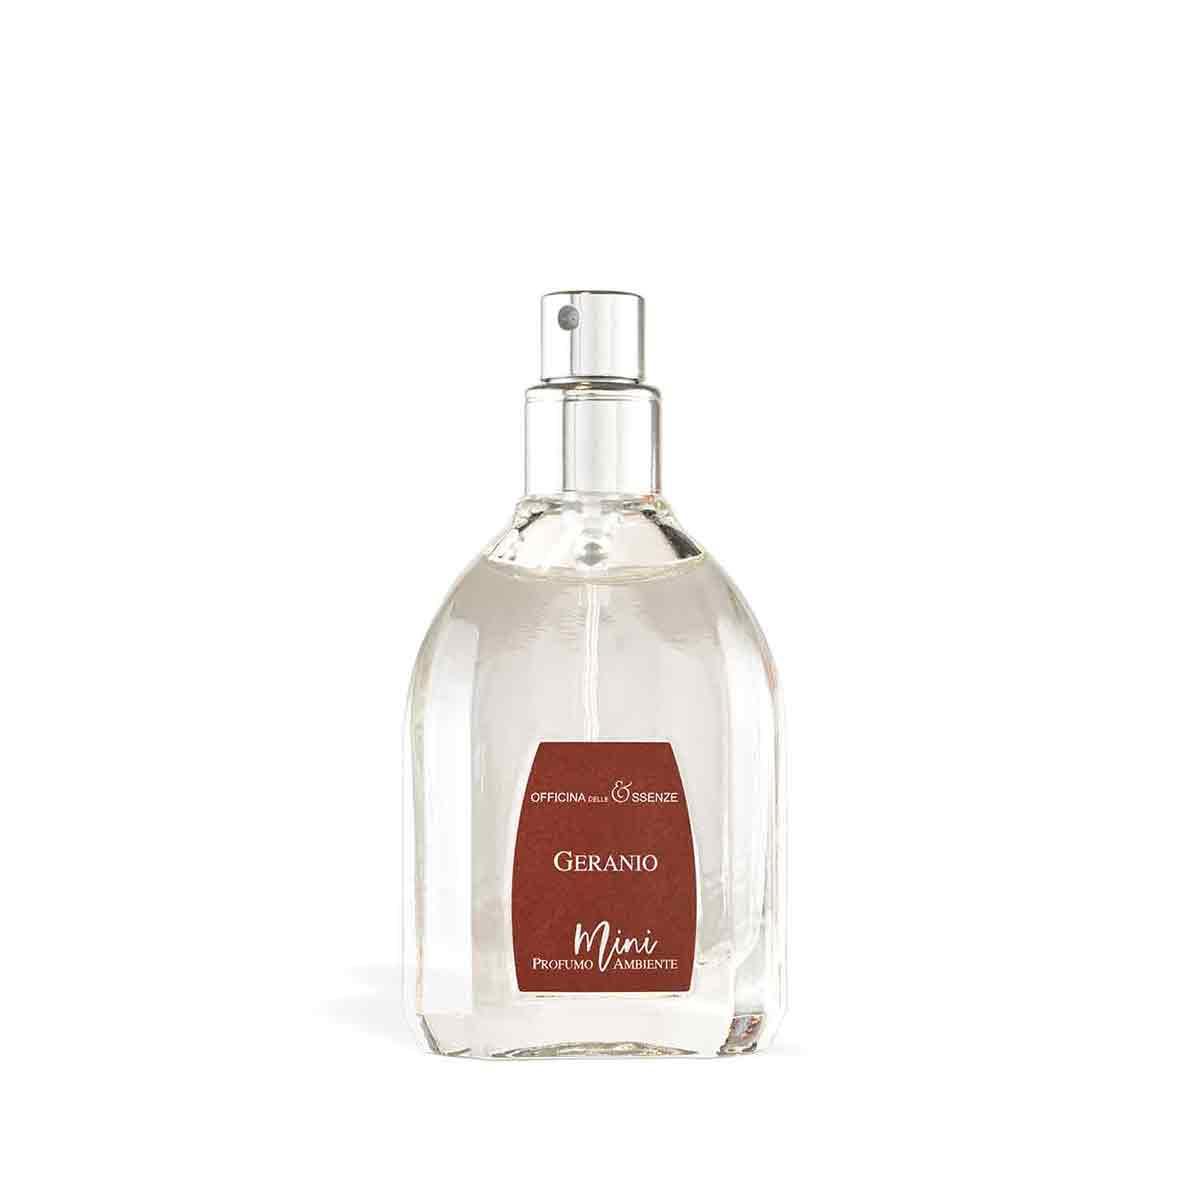 Mini profumo ambiente Geranio da 25 ml